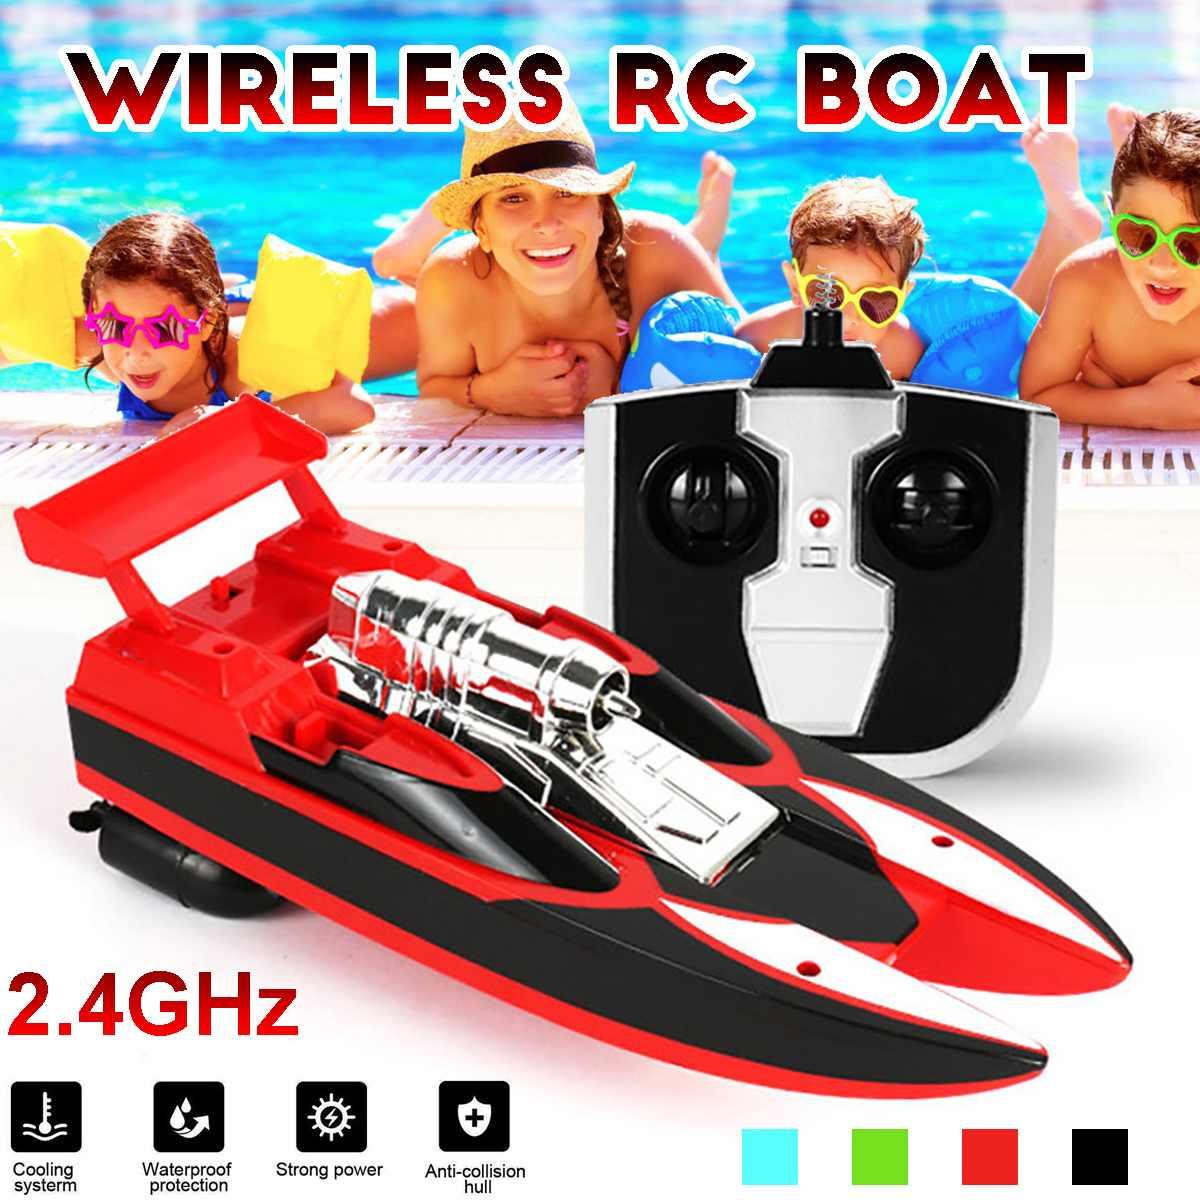 Горячая продажа Радио пульт дистанционного управления двухмоторная высокоскоростная лодка RC гоночный детский открытый гоночный катер RC-лодки      АлиЭкспресс